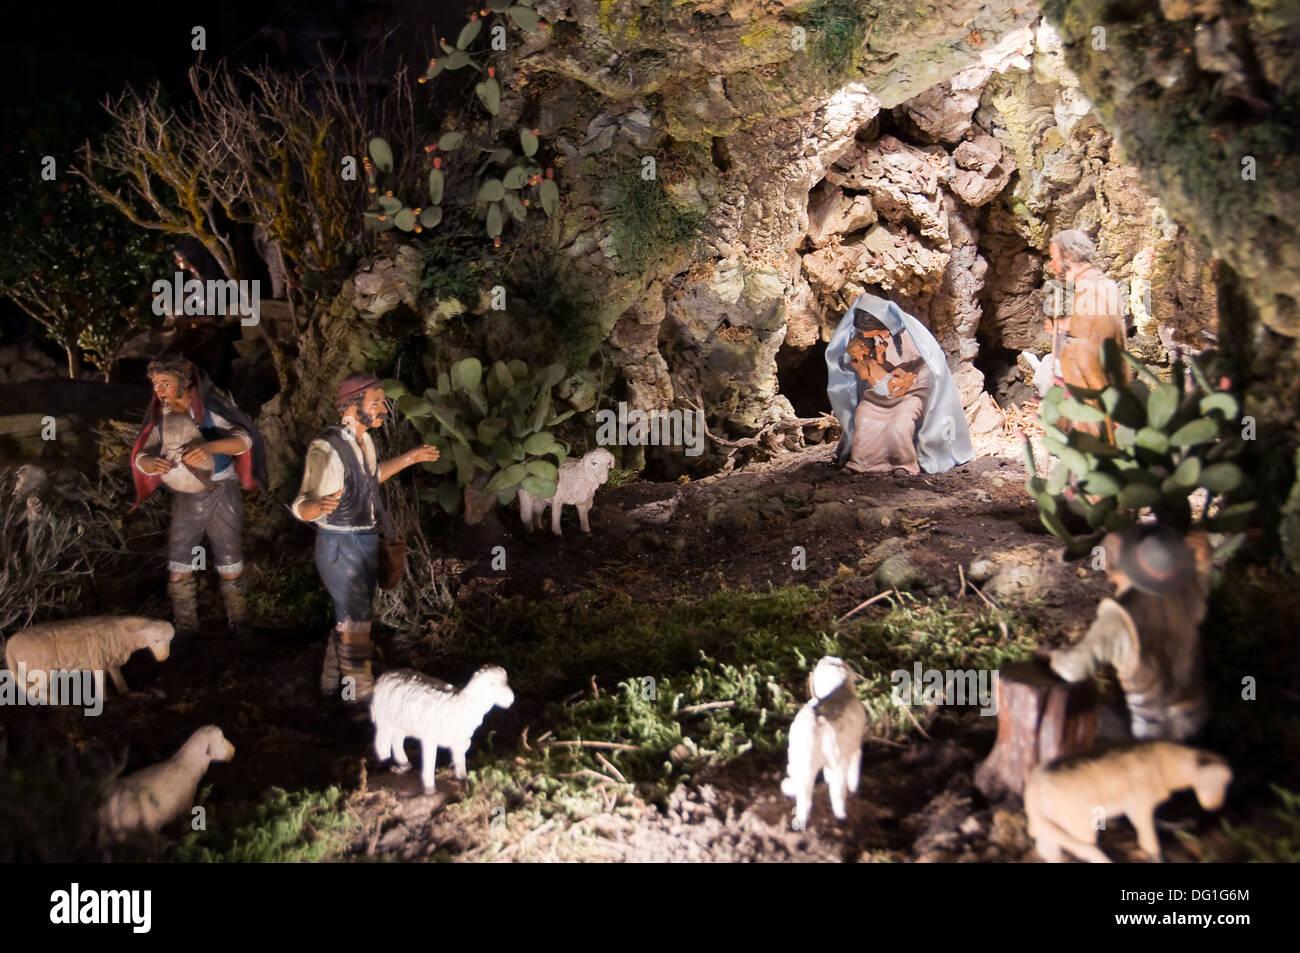 Nativity scene at Notre-Dame de Paris - France - Stock Image